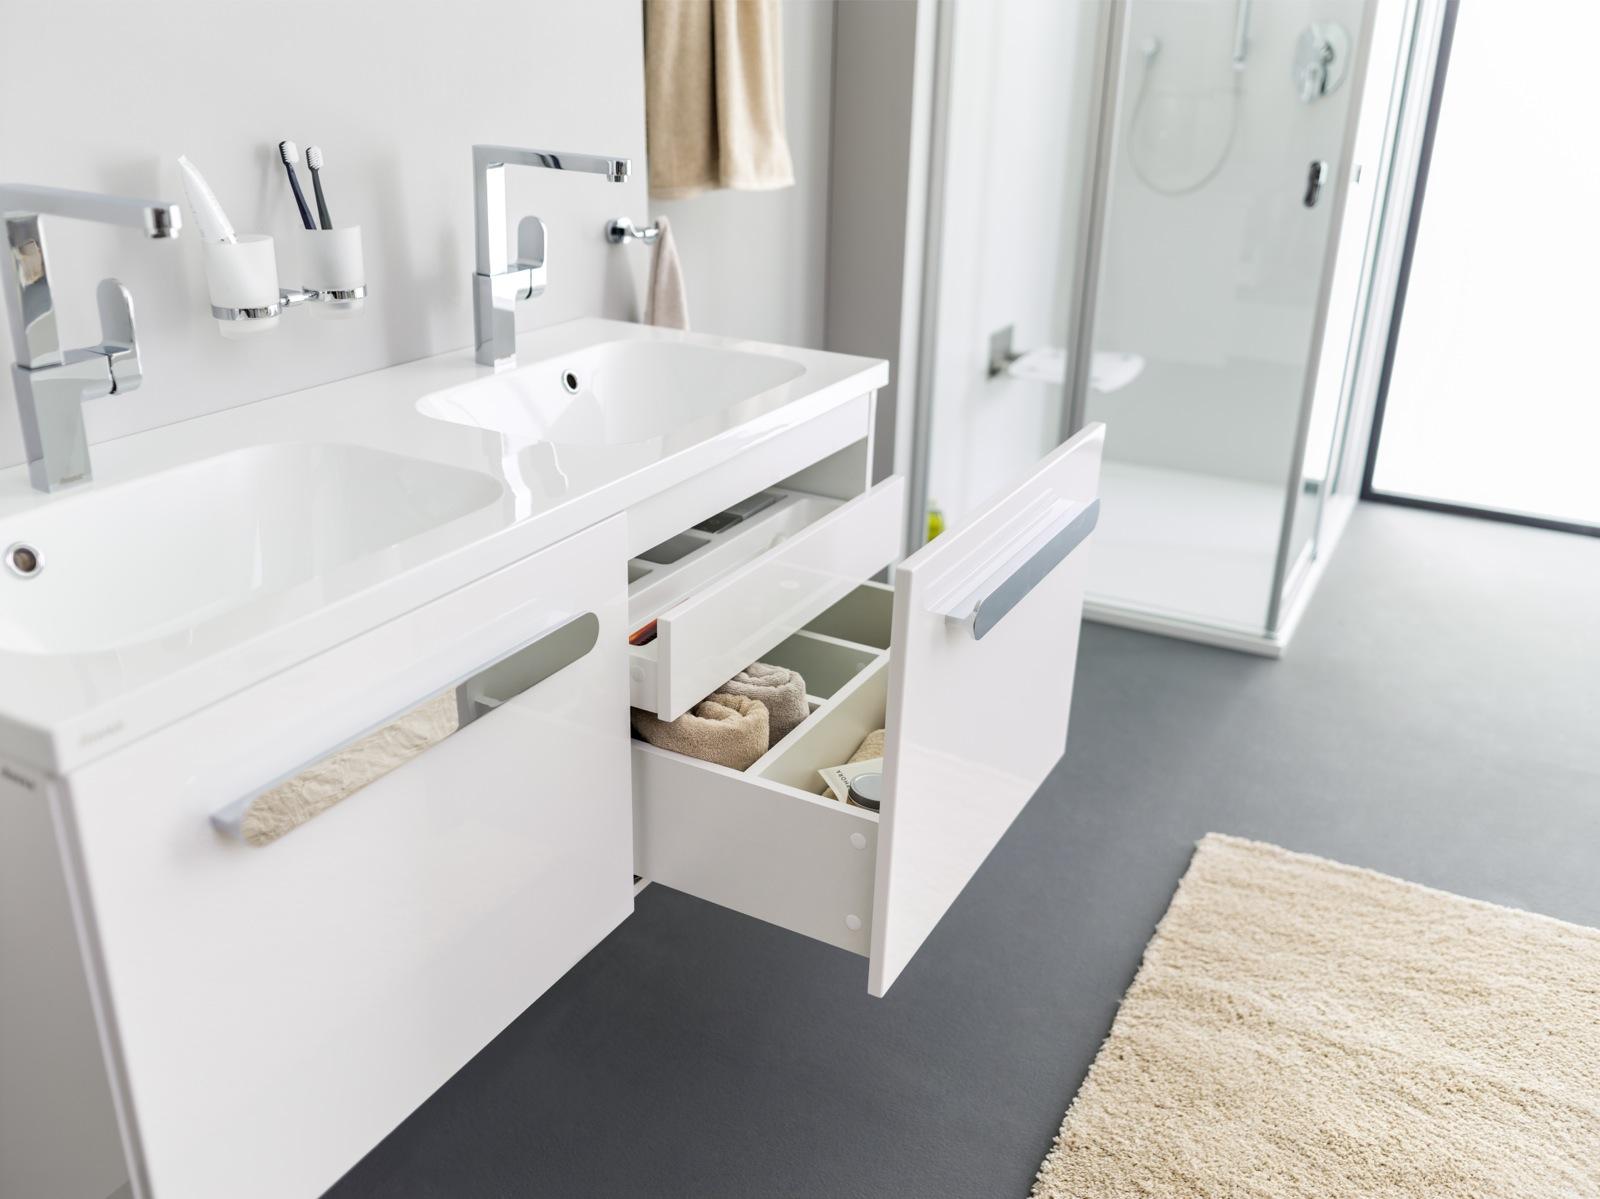 Fontos, hogy olyan darabokat válogasson össze a fürdőszobába, melyek nem csak önmagukban, hanem az egész részeként is harmóniát sugallanak, ahogyan ez a mosdó és mosdó alatti szekrény kombináció is.